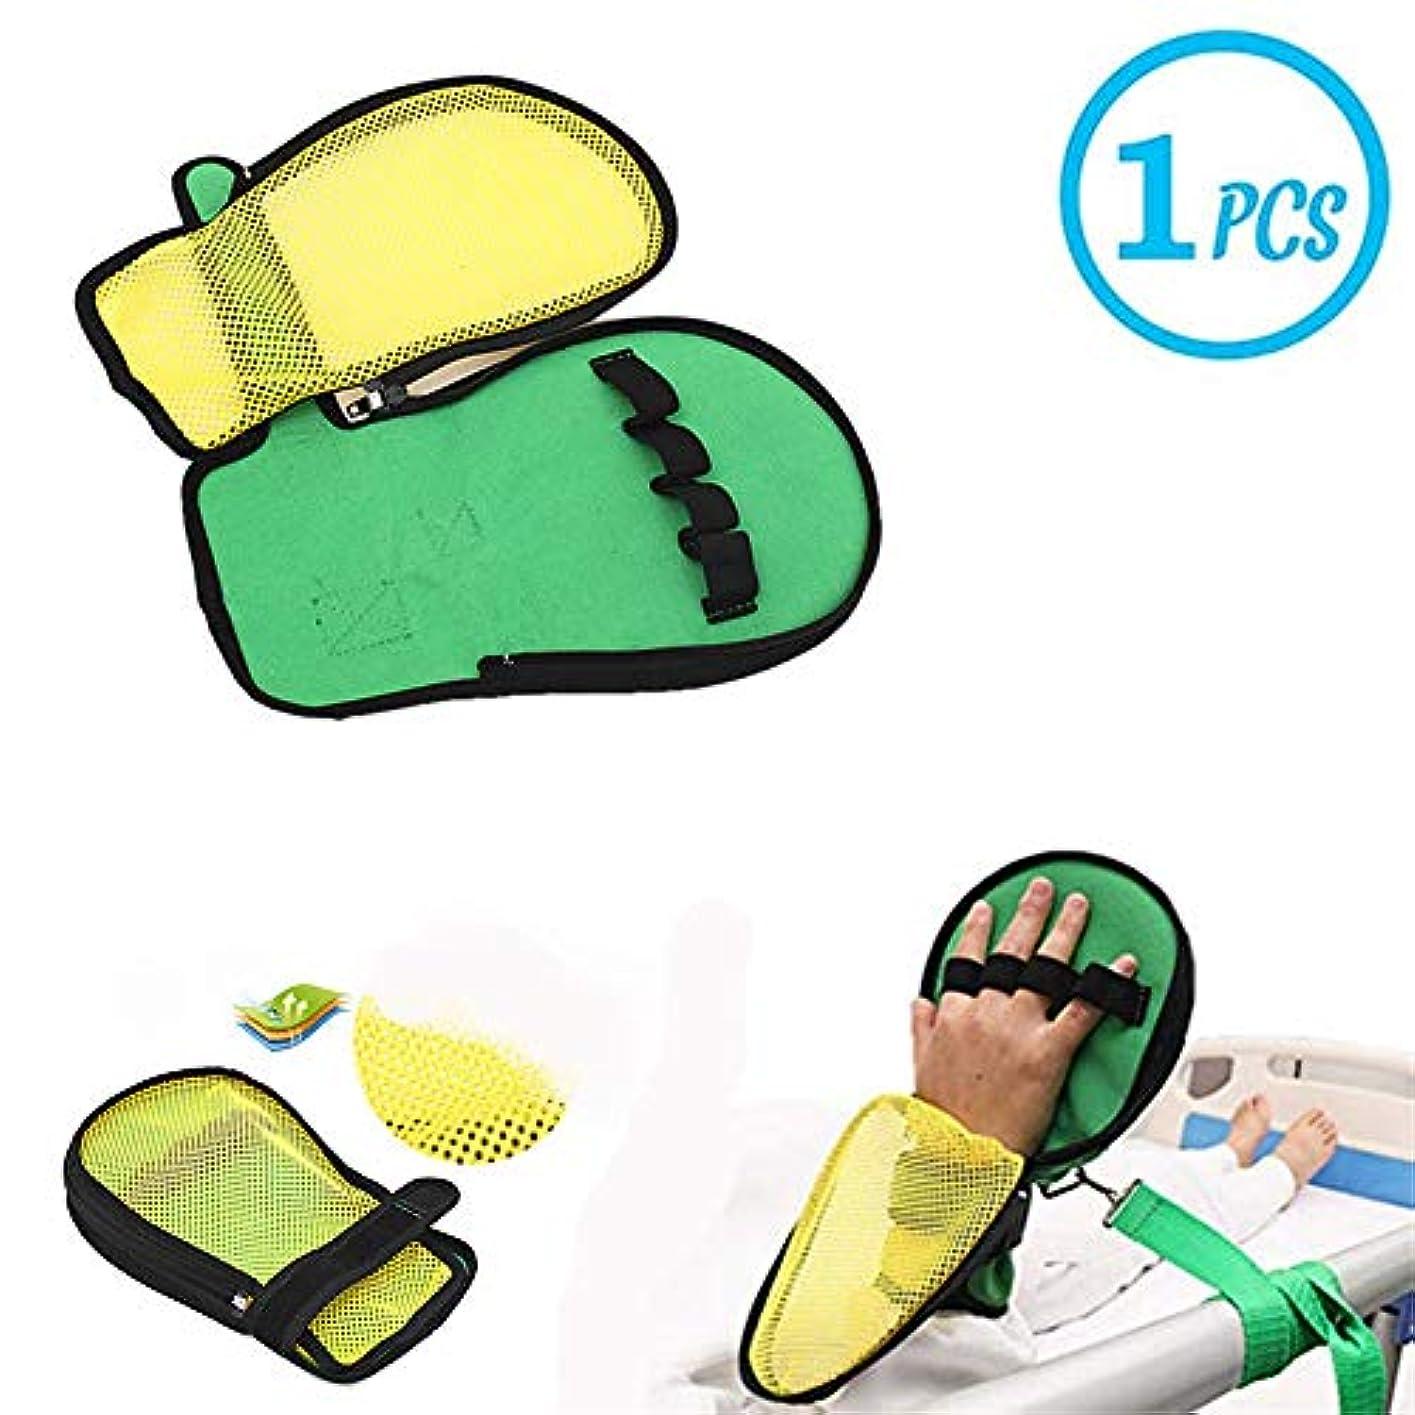 ウッズ汗描写指の損傷、ユニバーサルサイズ、片面イエローグリーンサイドを防ぐために、フィンガーコントロール手袋、ハンドパッド